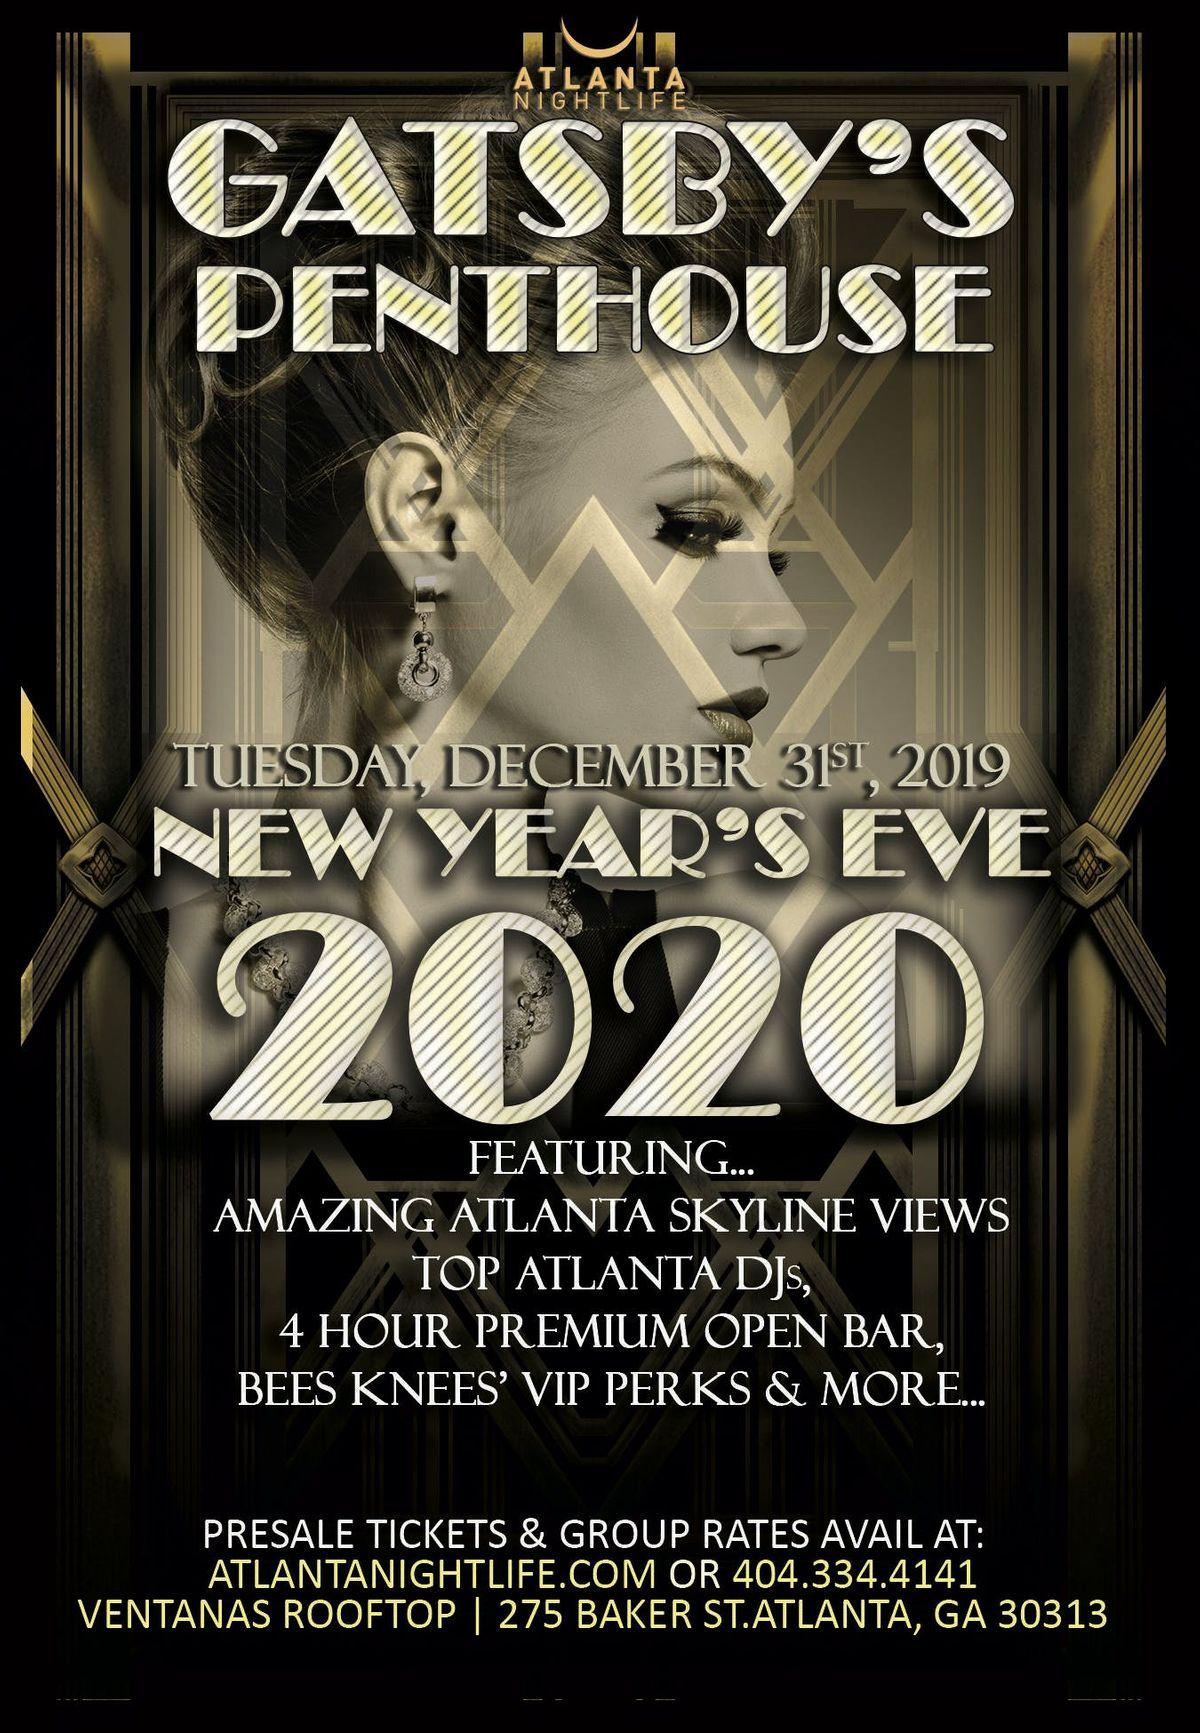 Atlanta New Years Eve 2020 Gatsbys Penthouse   Atlanta New Years 2020 at Ventanas, Atlanta